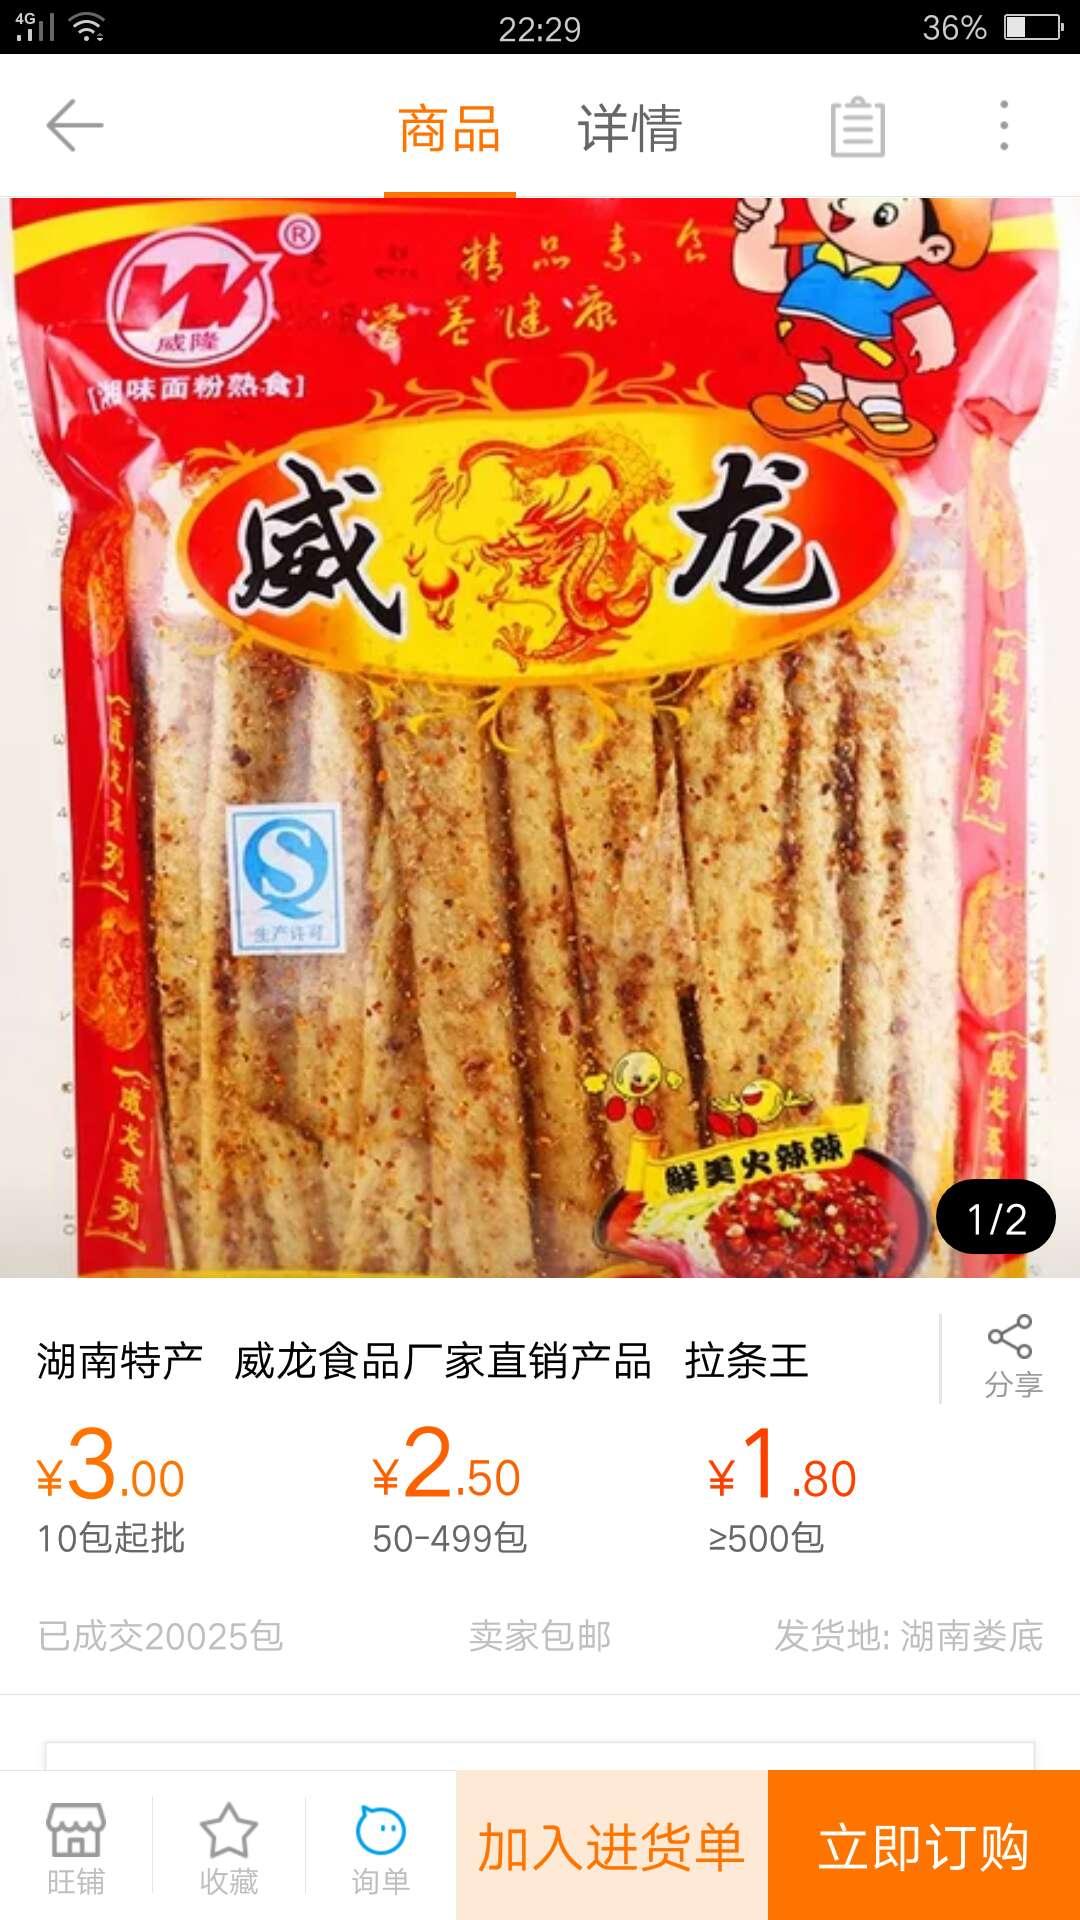 中国香辣手撕豆皮-娄底口碑好的香辣手撕豆皮厂商